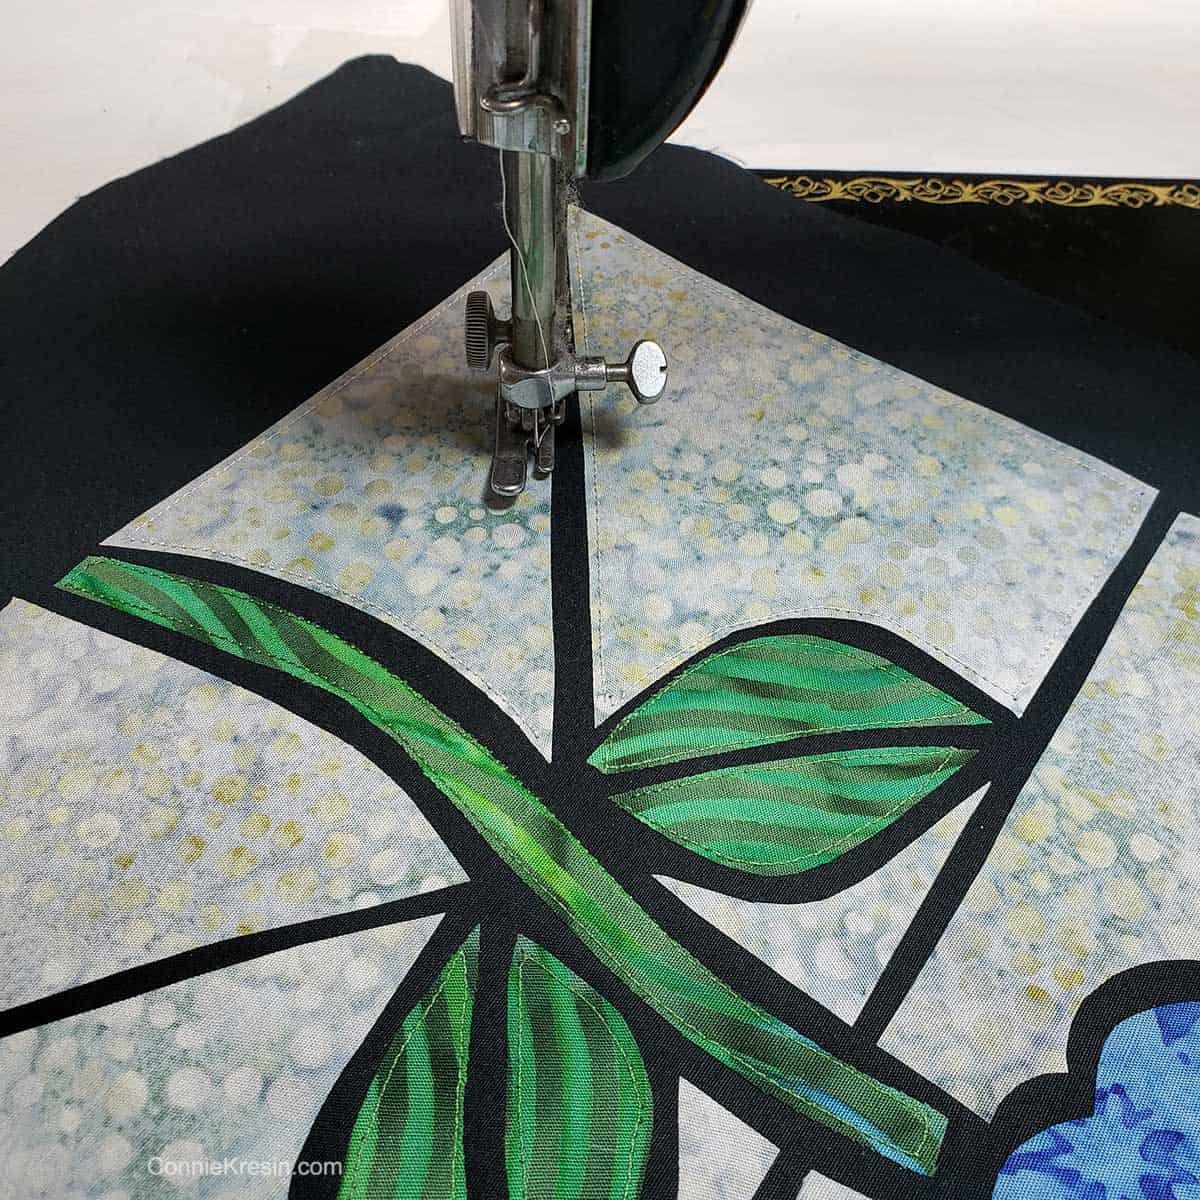 Stitch around each piece.